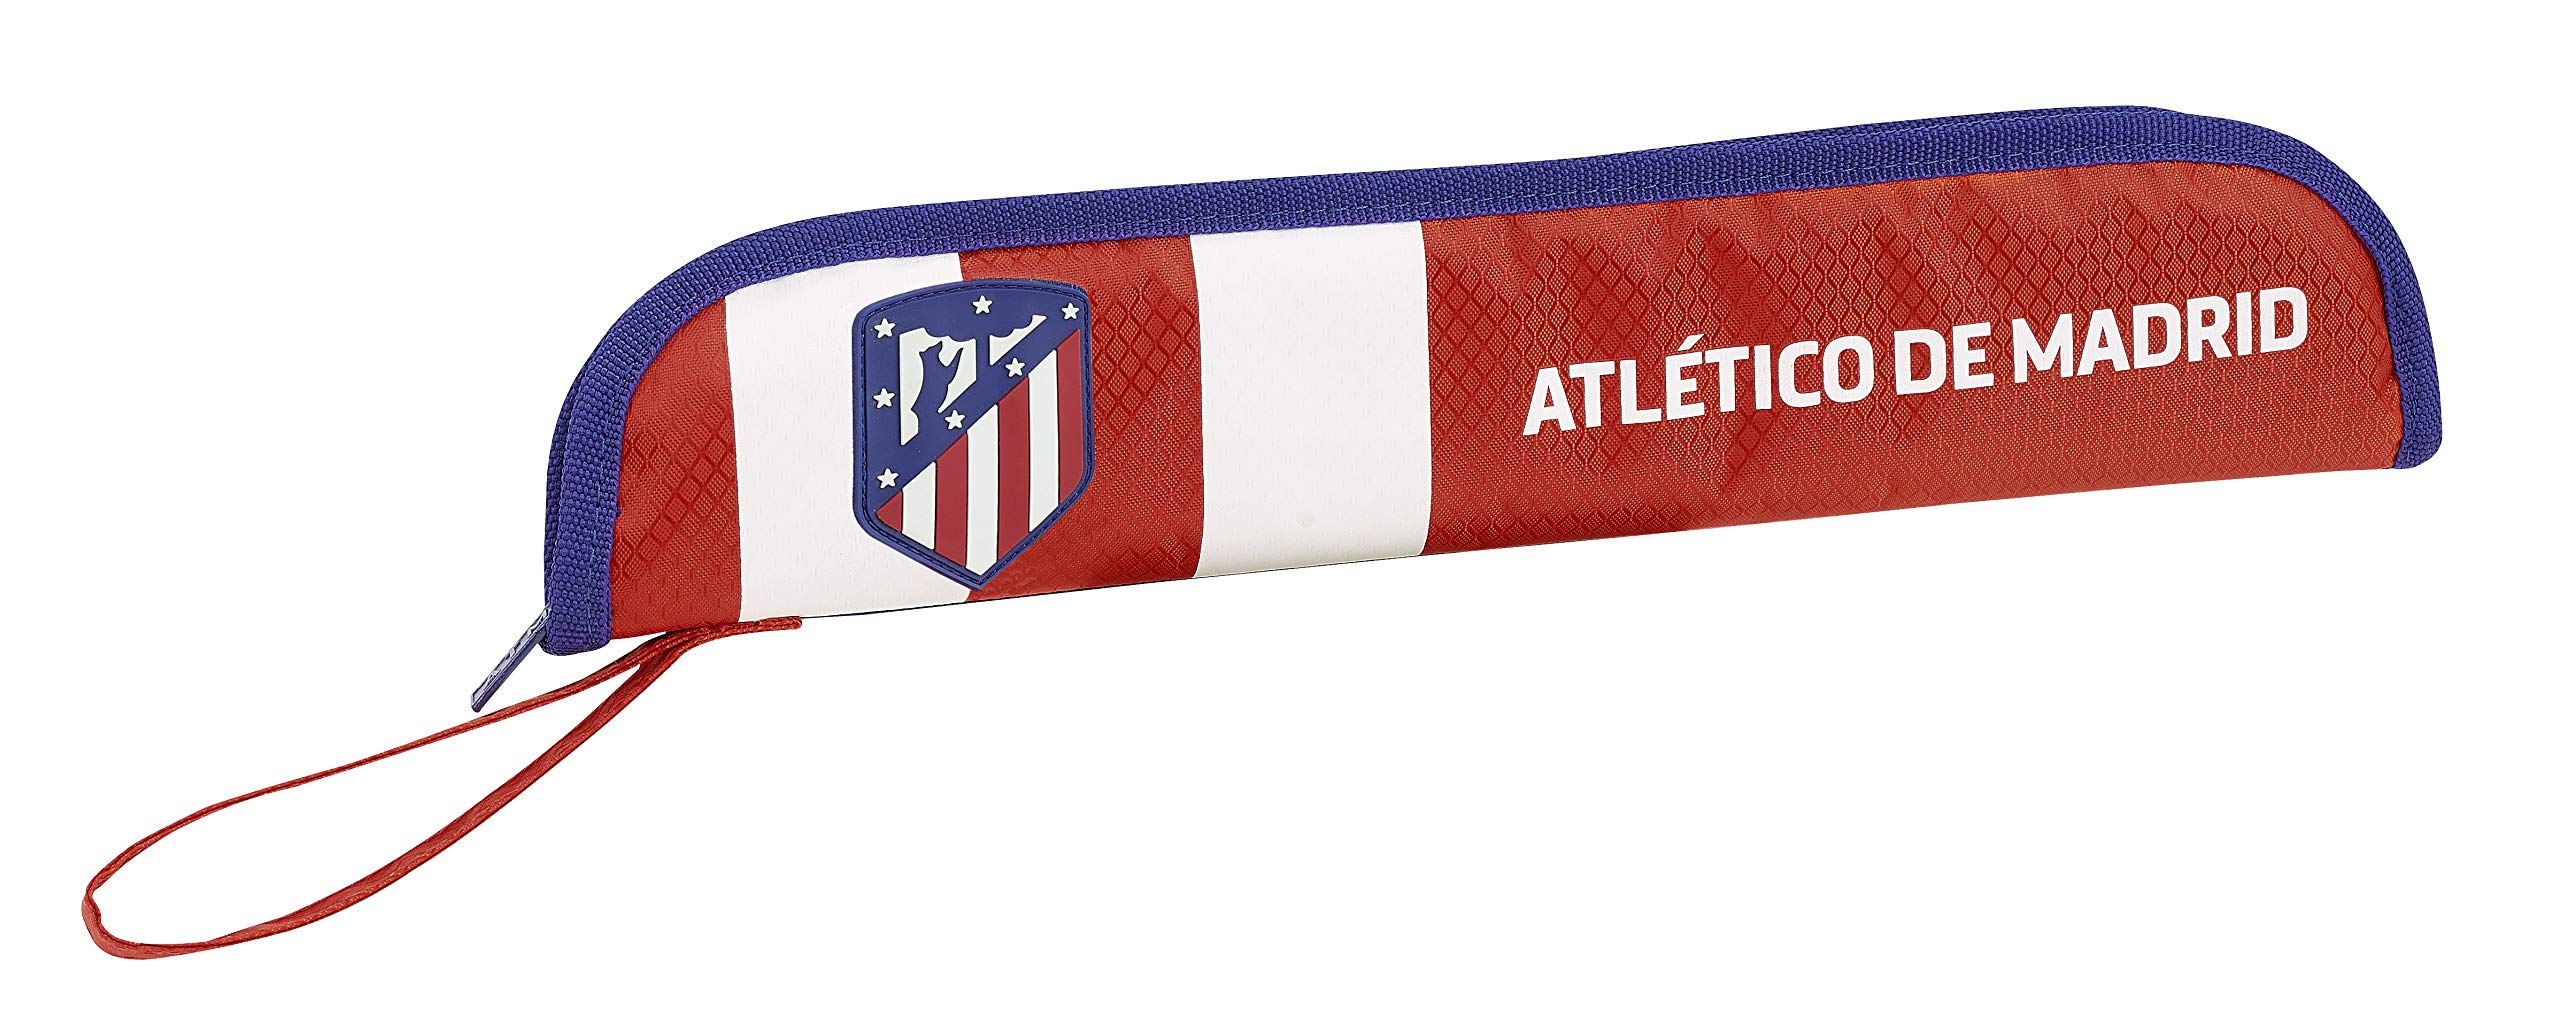 Atlético de Madrid, 811845284, 2018, Porta Flauta 37X8 cm, Rojo